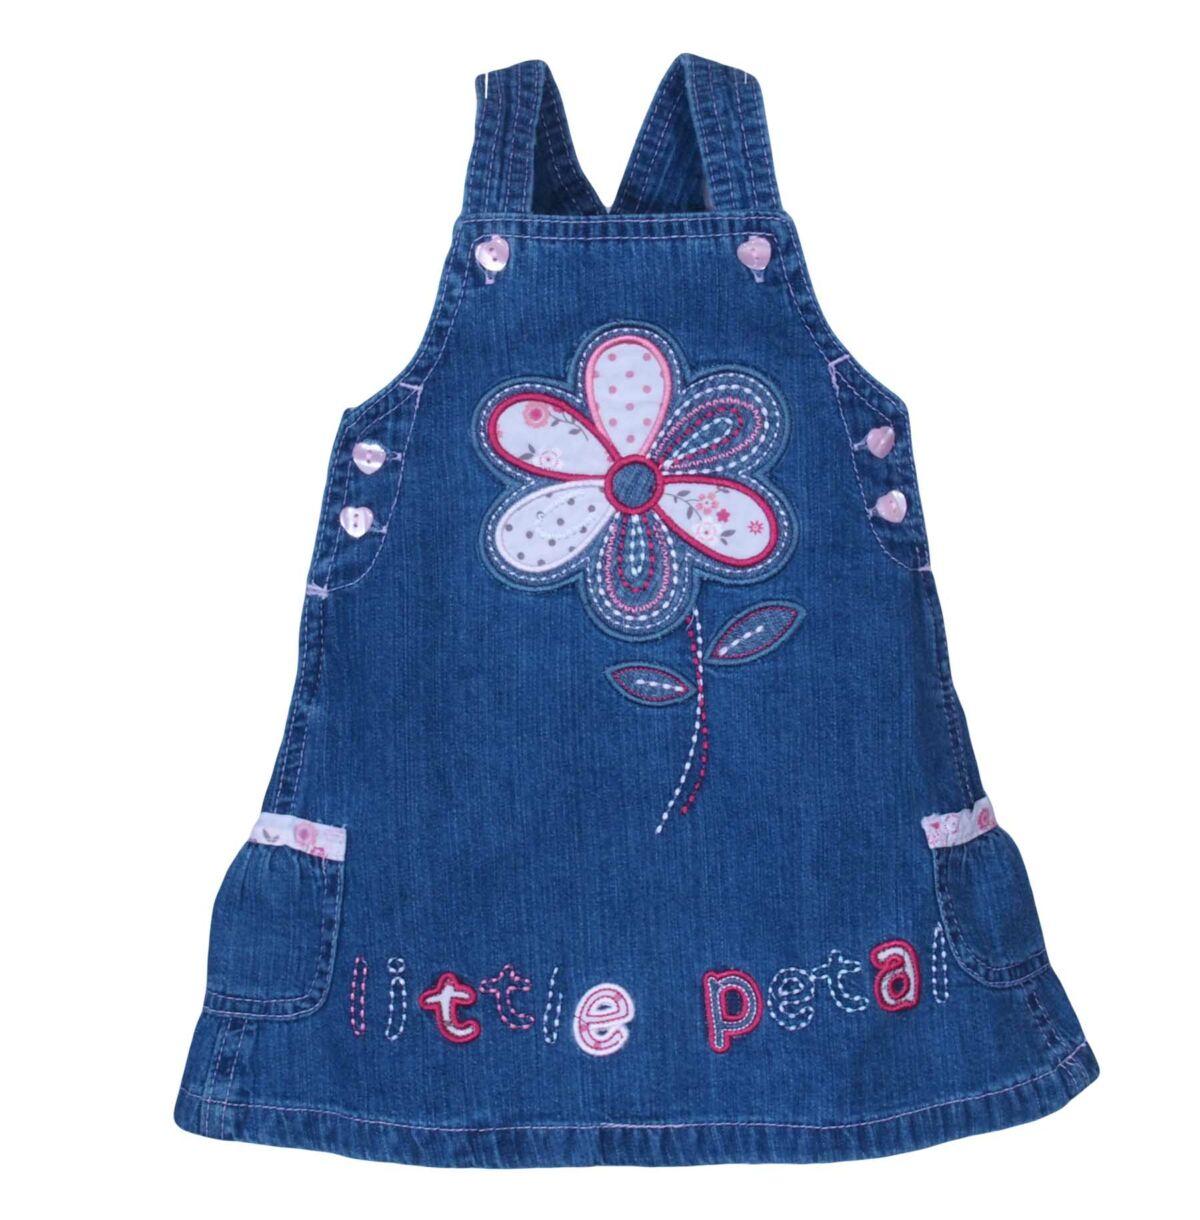 Használt ruha   Outlet szűrése  Nem  Lány + Életkor 3 évig  (68) 4-6 ... 19ad62cc32